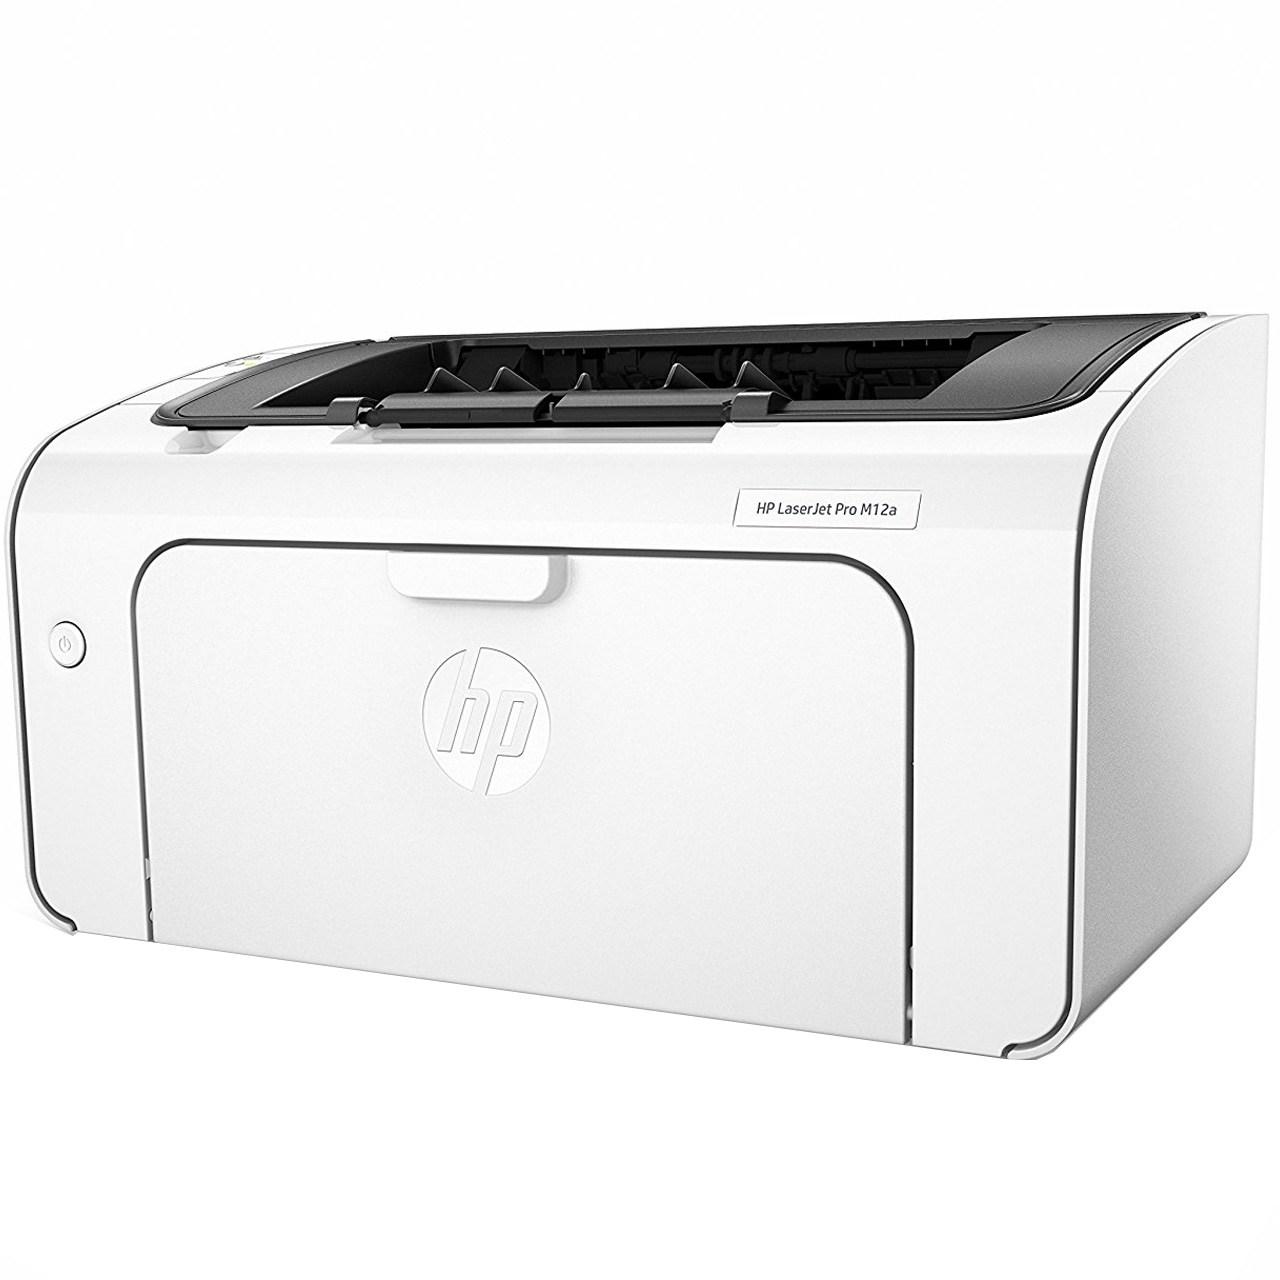 خرید اینترنتی پرینتر لیزری اچ پی مدل LaserJet Pro M12a